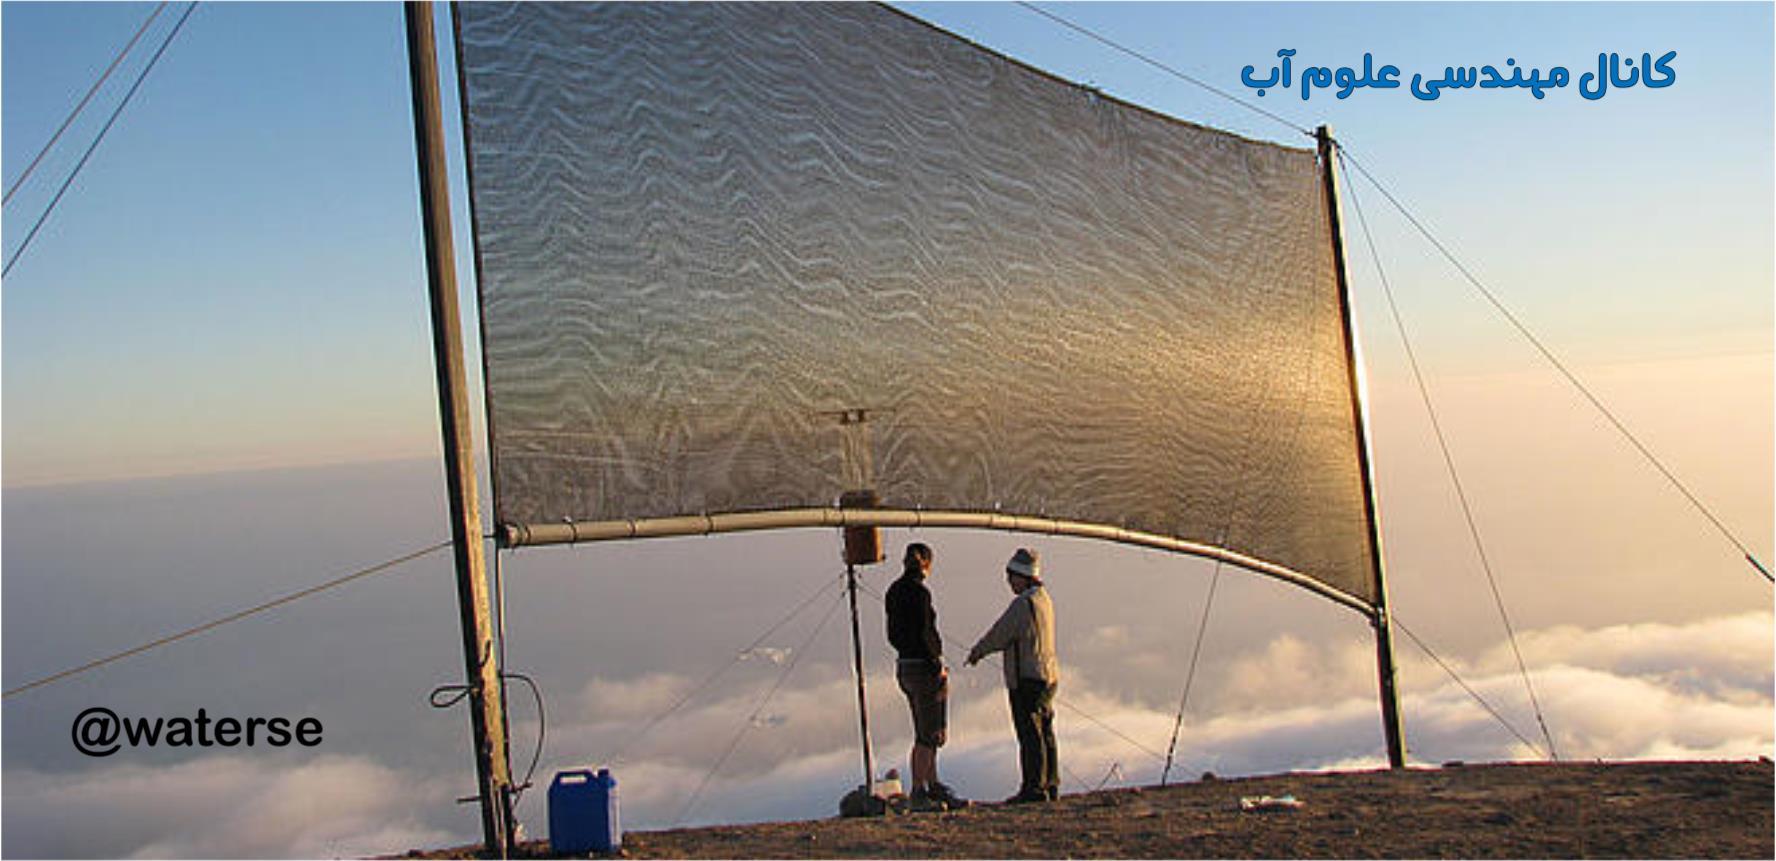 استخراج آب از مه برای مبارزه با بیآبی در یمن